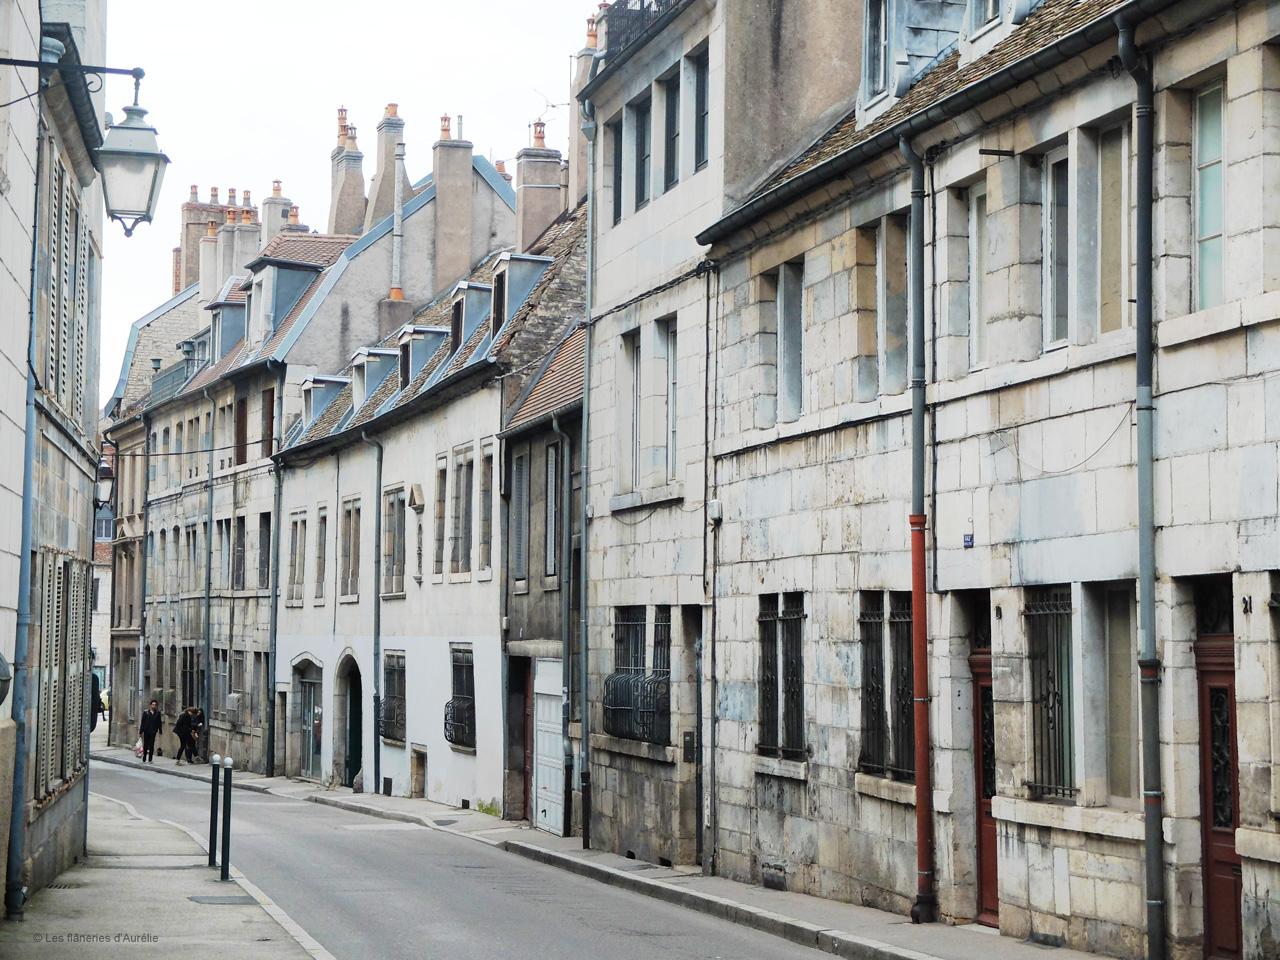 rue.Besancon